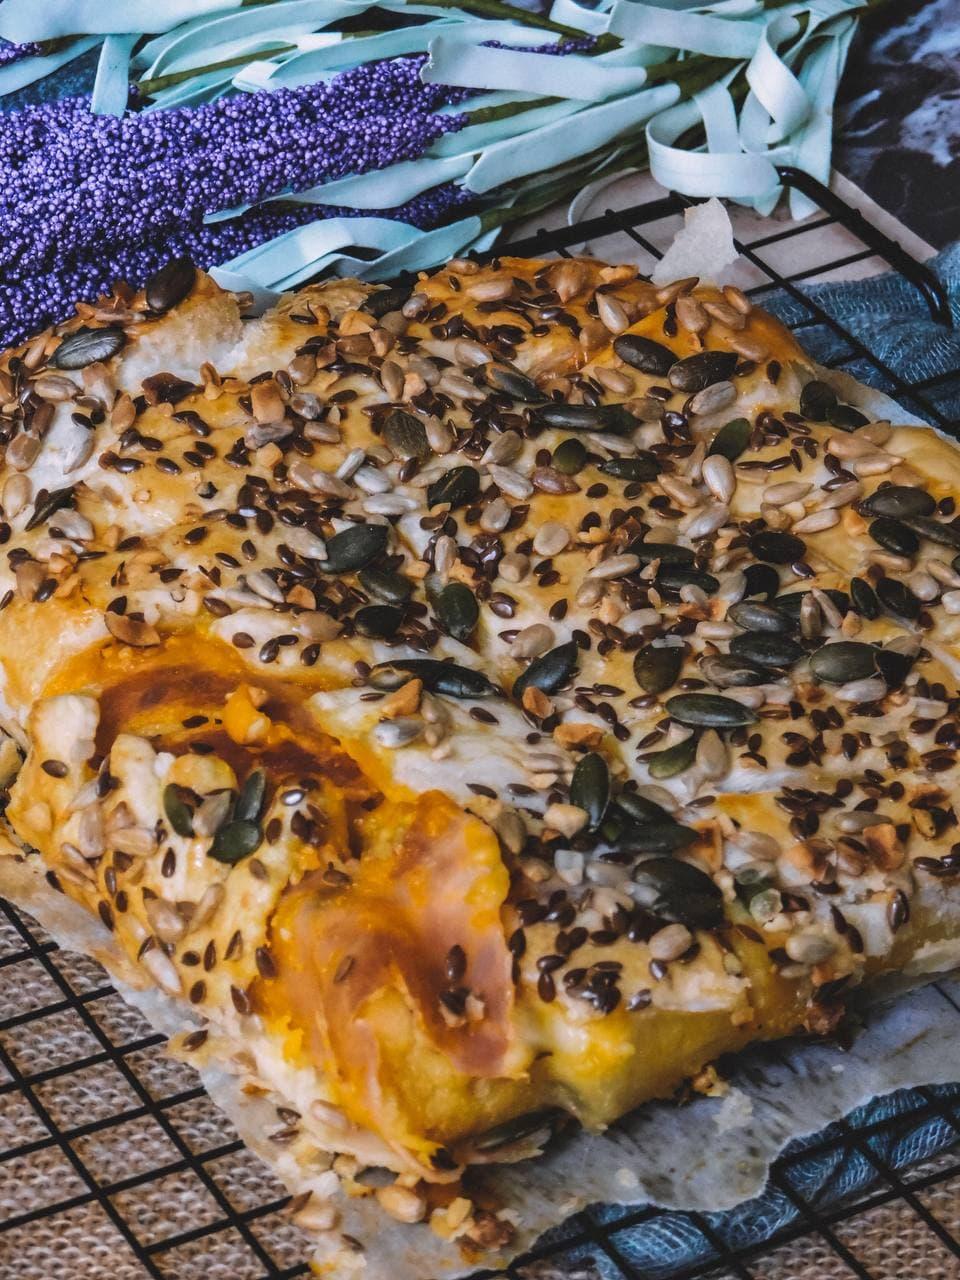 Rustico con zucca, polenta con funghi porcini alla trentina, prosciutto cotto e Emmental